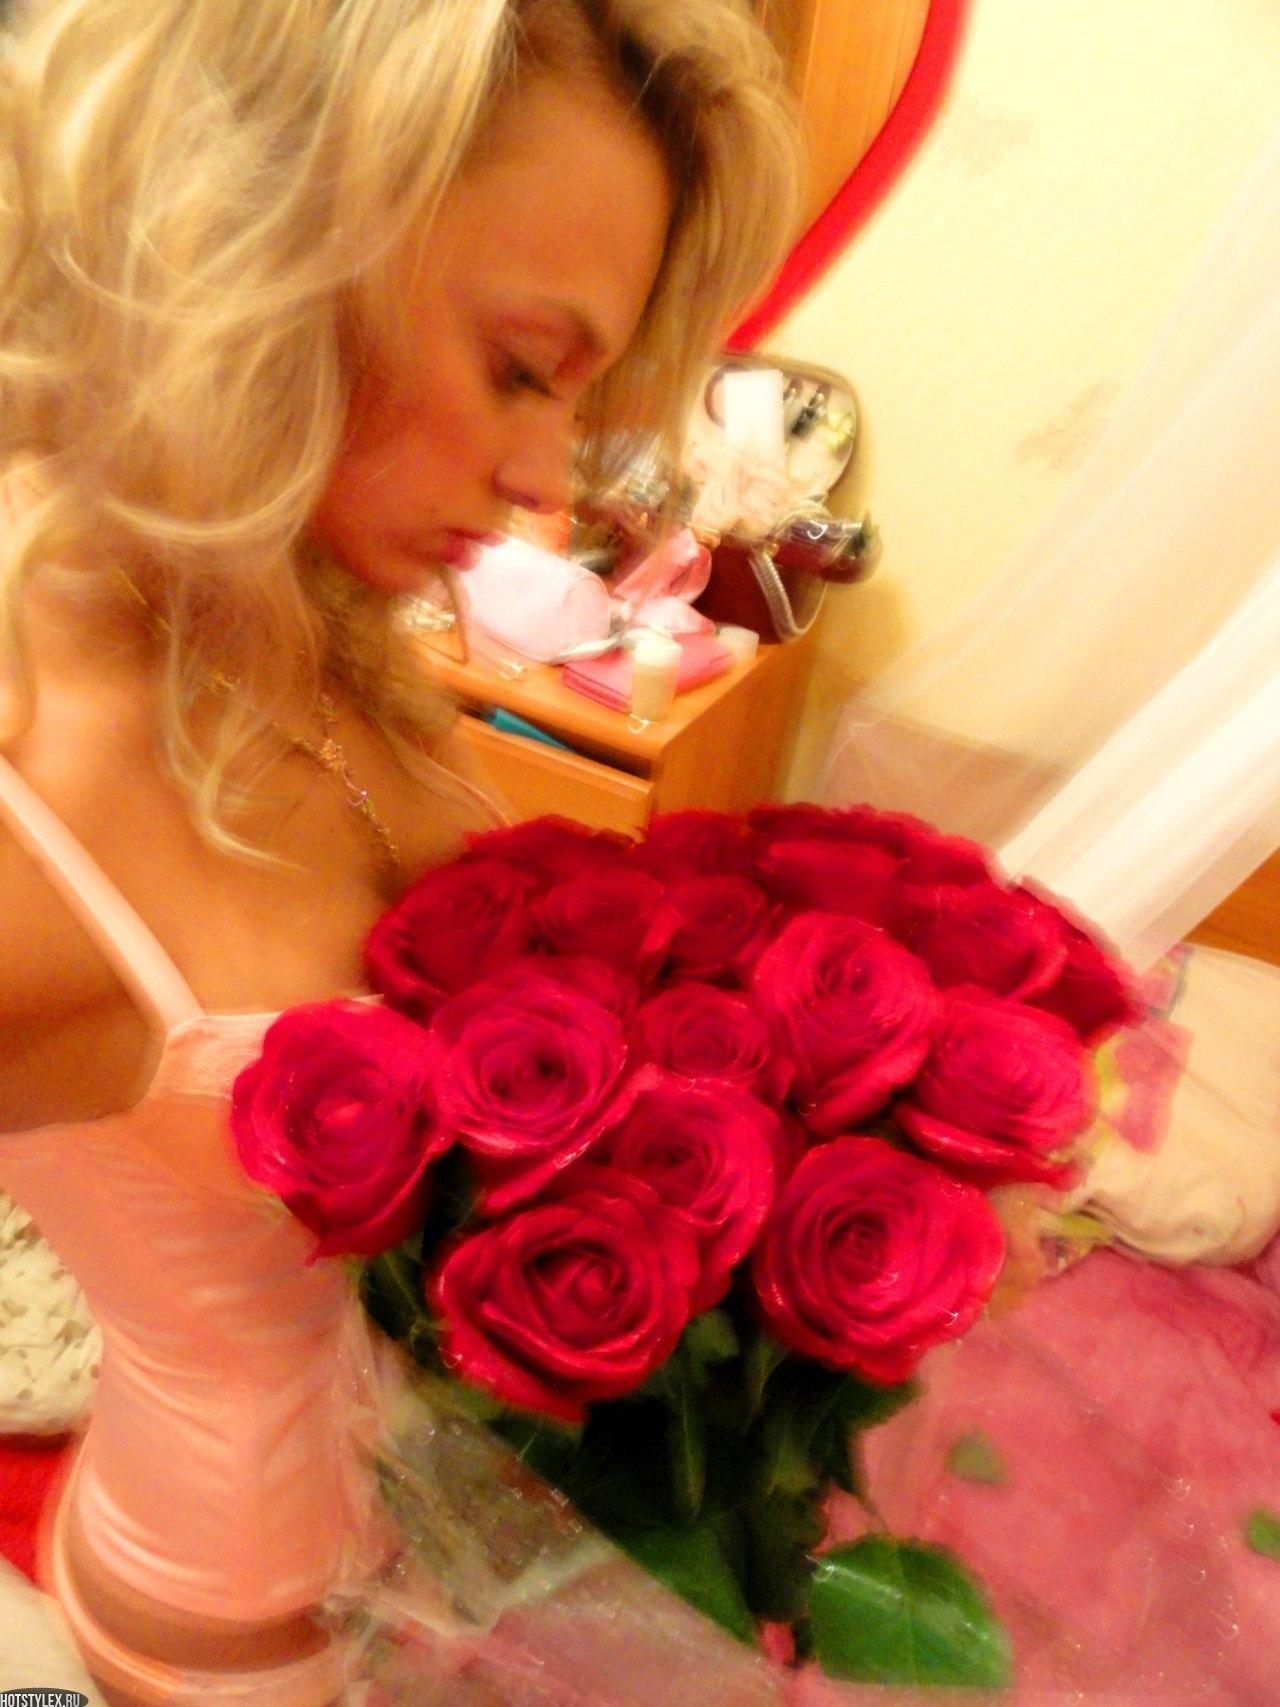 картинки девушка с букетом цветов: hotstylex.ru/stilnye-foto/stilnye-krasivye-devushki/1829-krasivye...